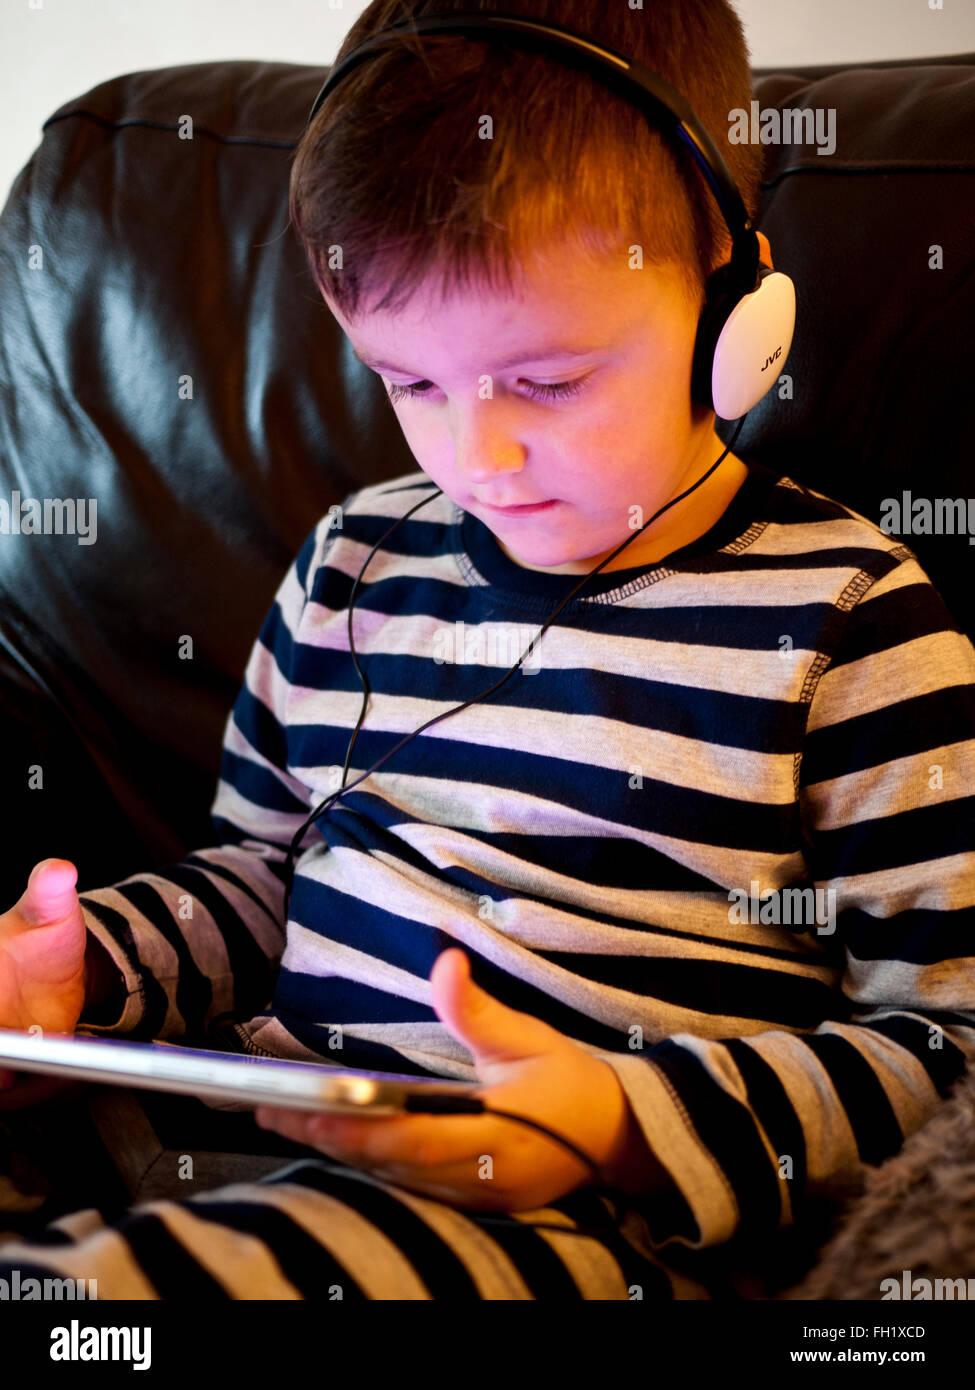 Giovani 5 anno vecchio ragazzo utilizzando un i pad con auricolari, UK. Foto Stock